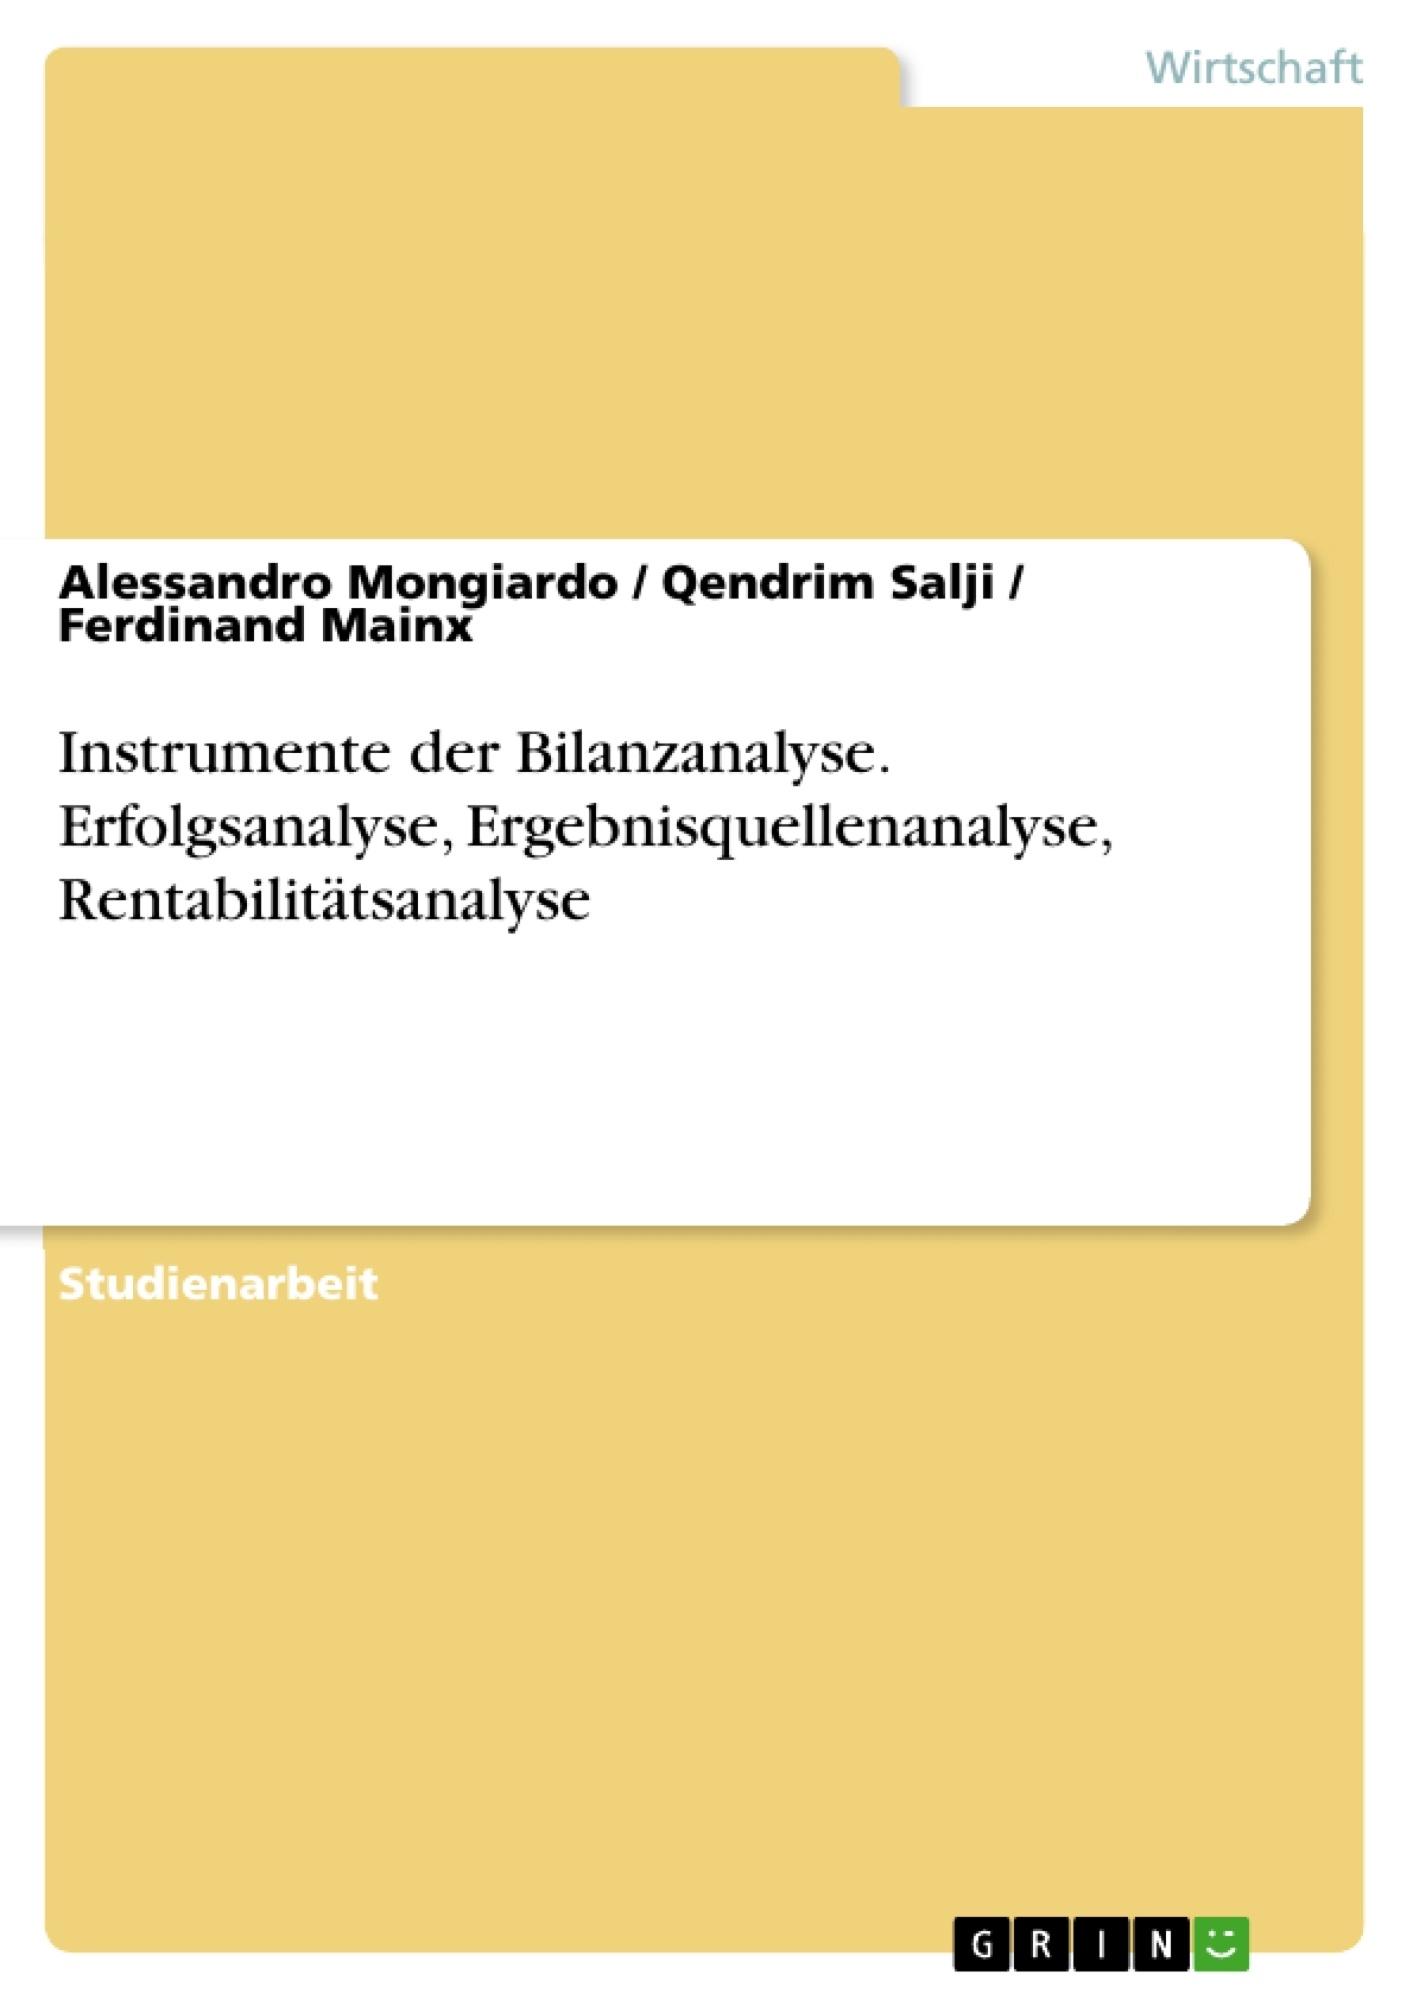 Titel: Instrumente der Bilanzanalyse. Erfolgsanalyse, Ergebnisquellenanalyse, Rentabilitätsanalyse